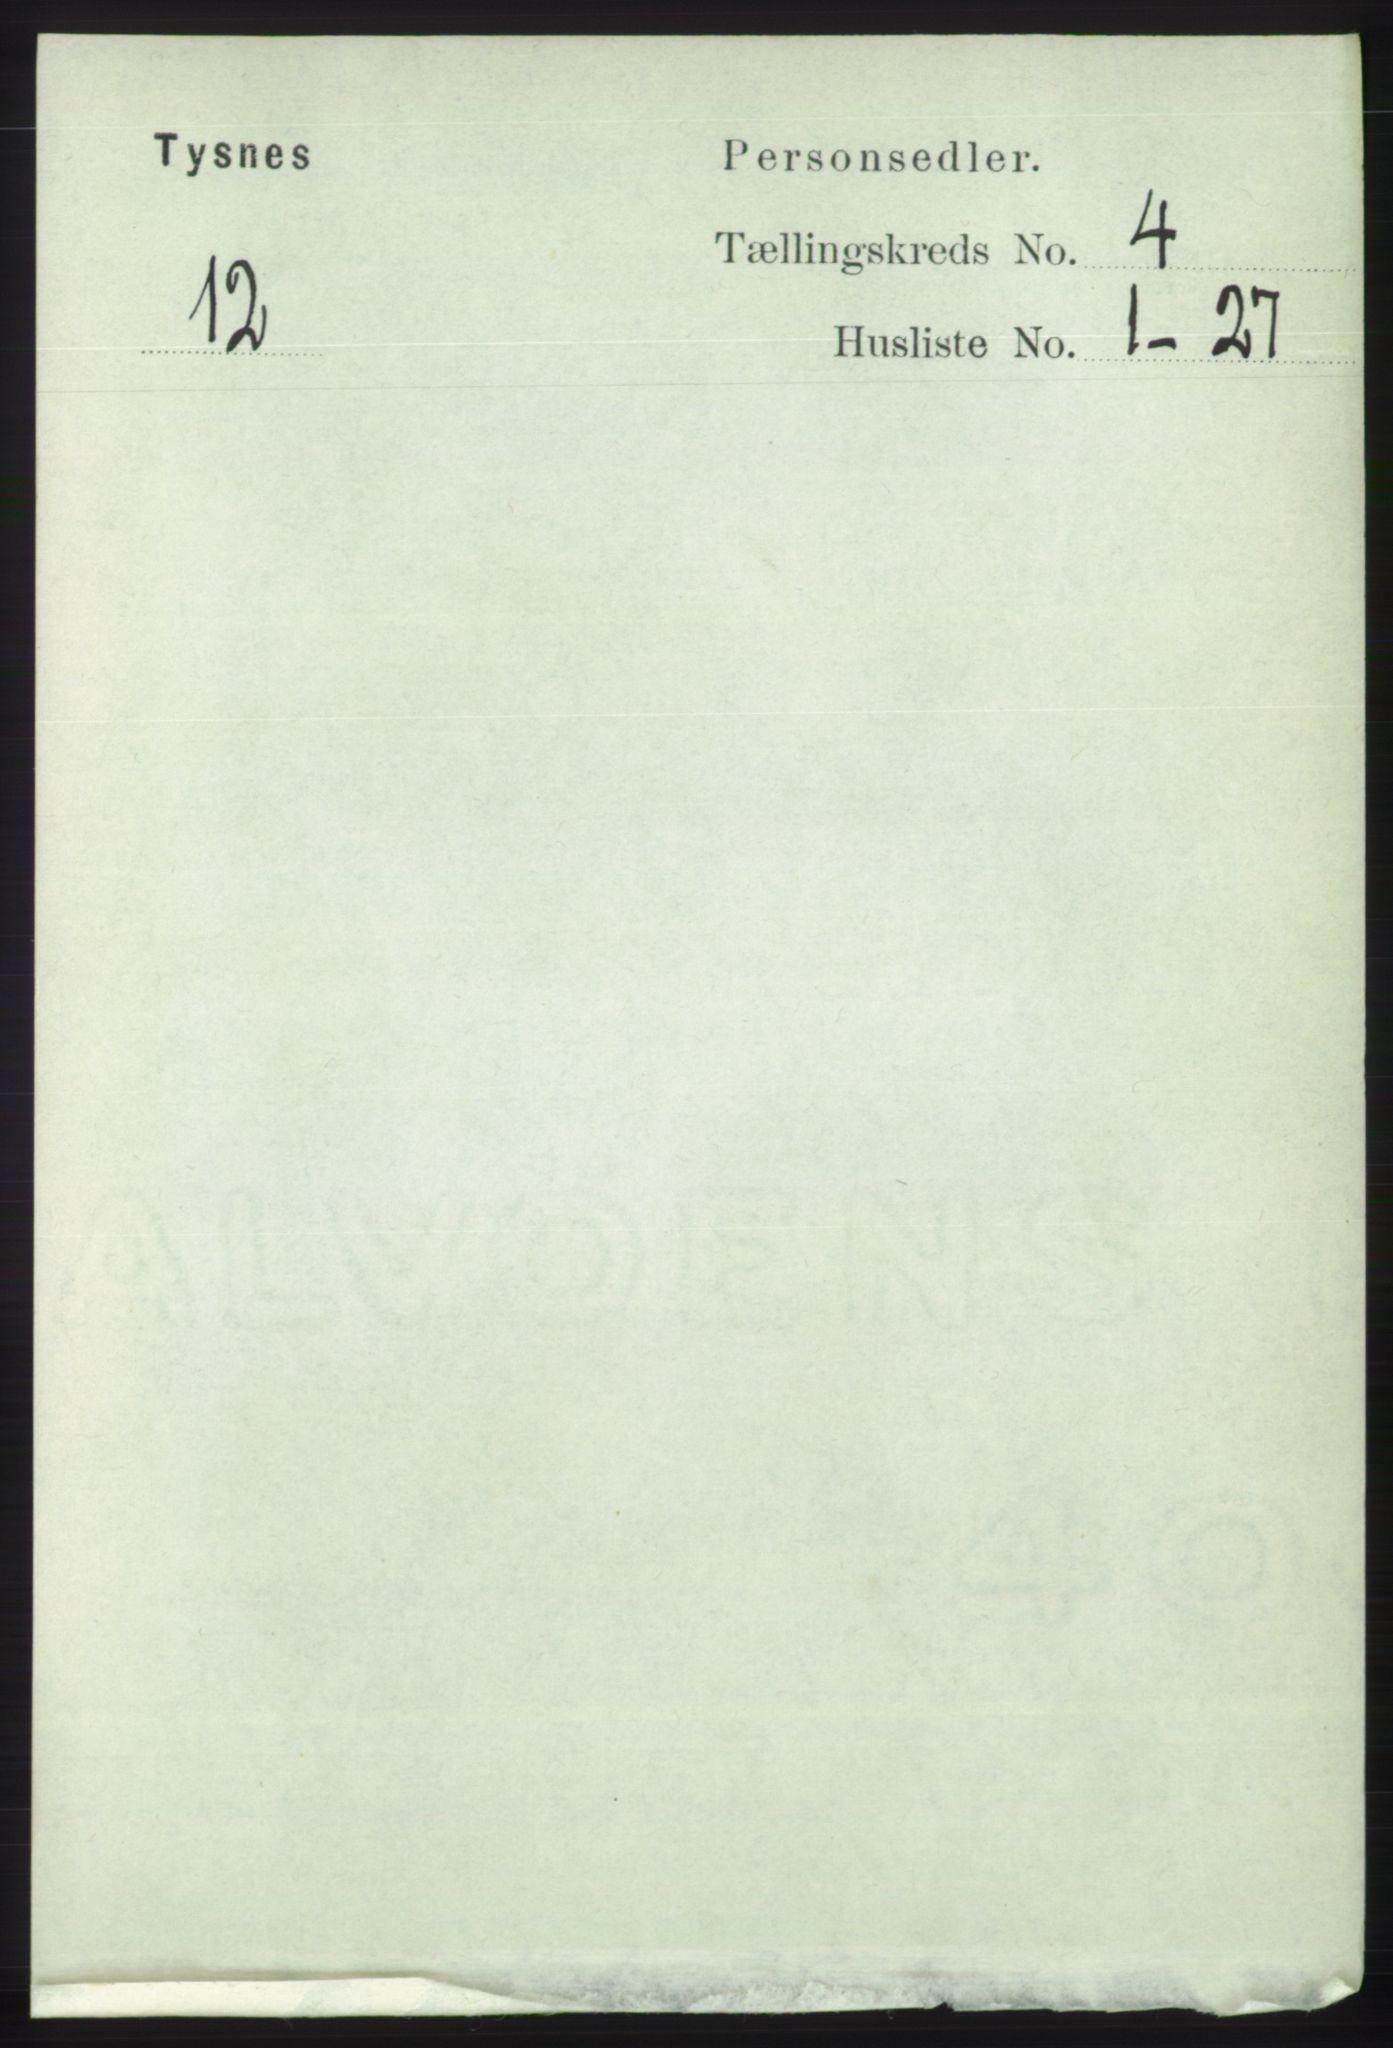 RA, Folketelling 1891 for 1223 Tysnes herred, 1891, s. 1531